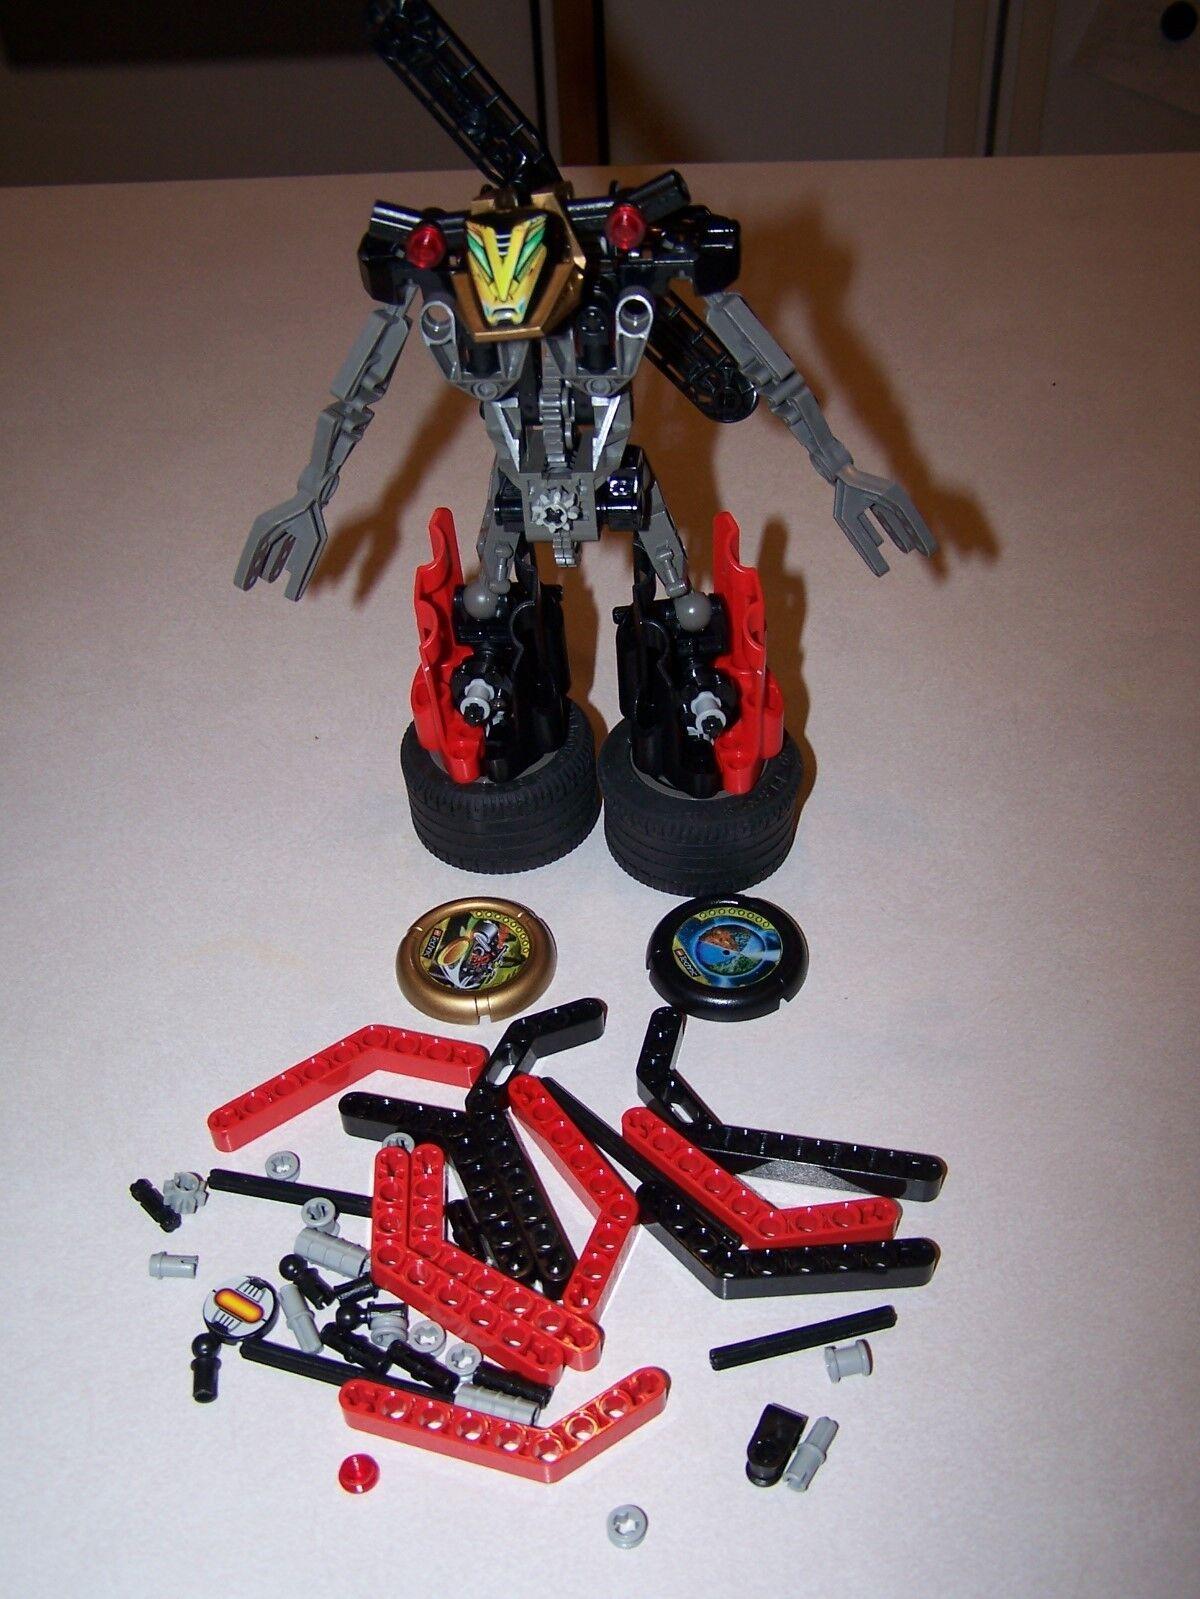 Lego 8520 Millennium   Millennia Technic Throwbot Slizer Slizer Slizer 100% Complete 4167b1